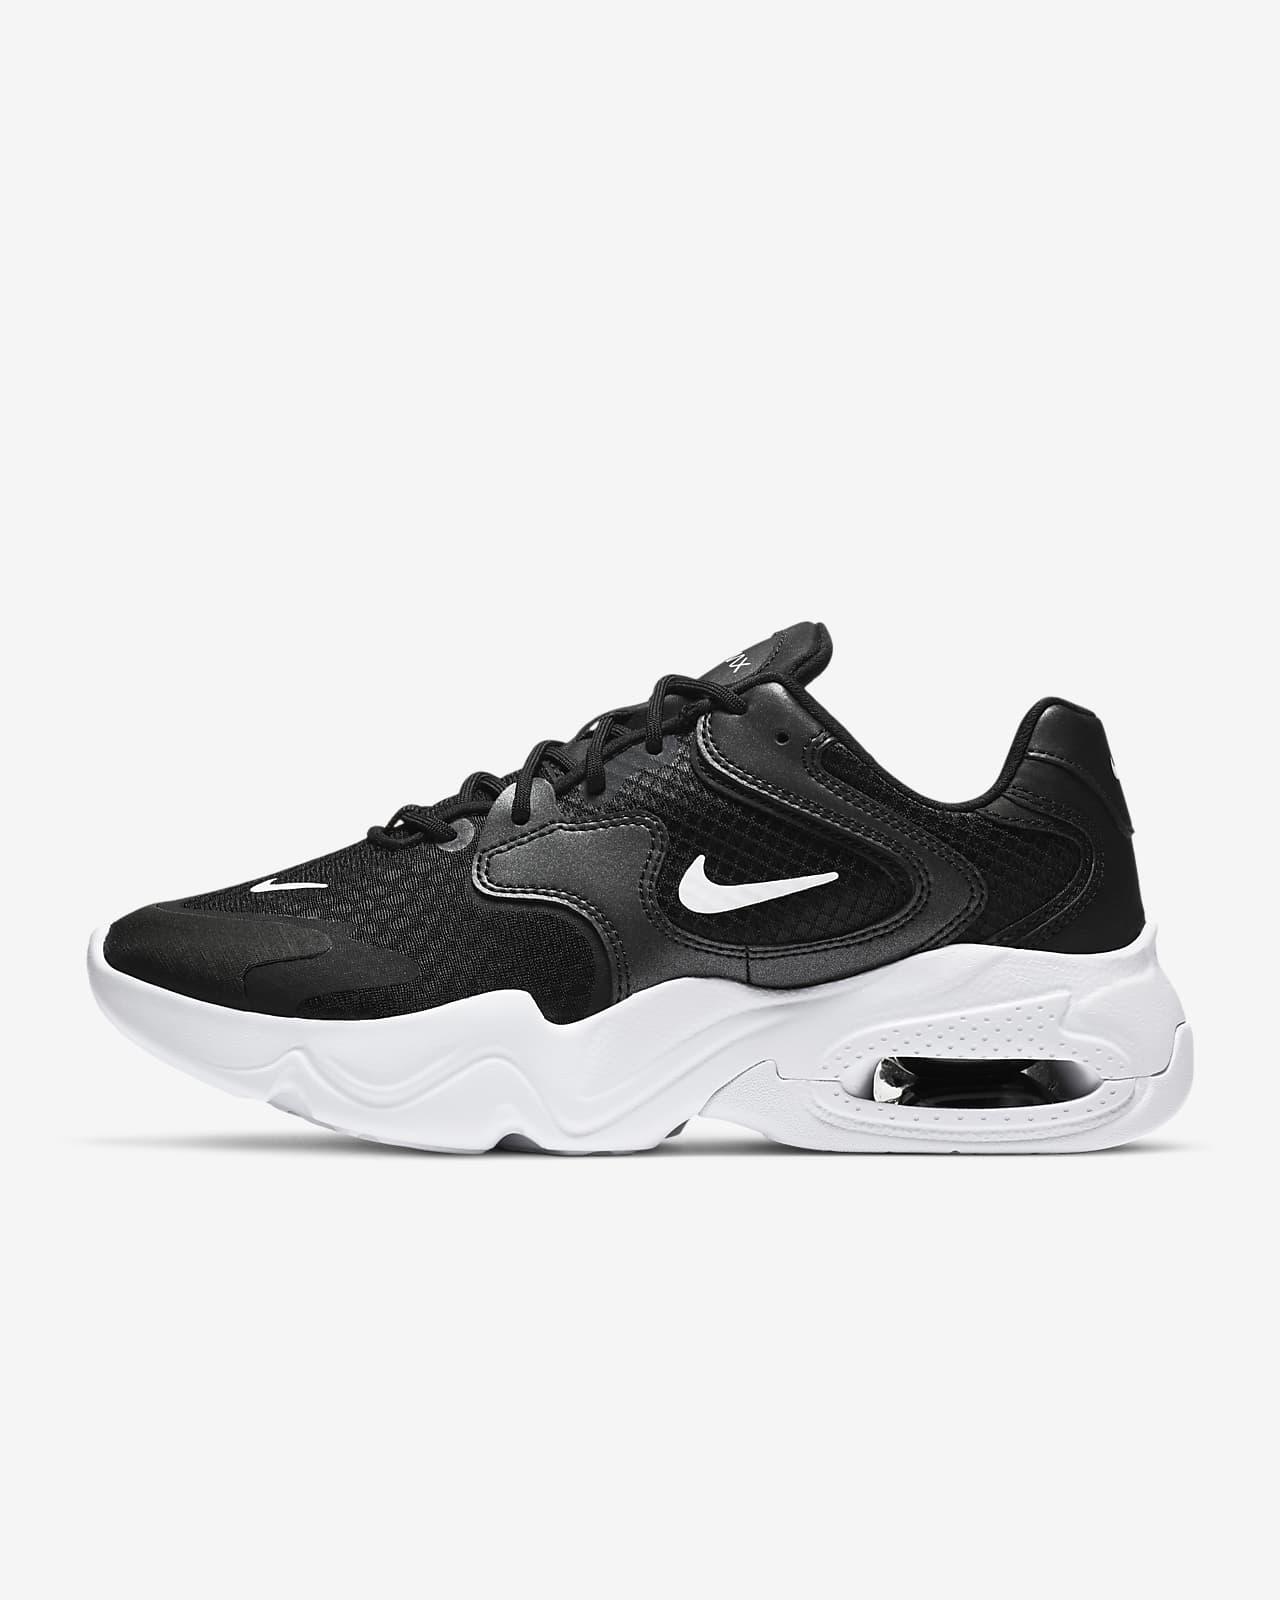 Nike Air Max 2X Women's Shoe. Nike LU